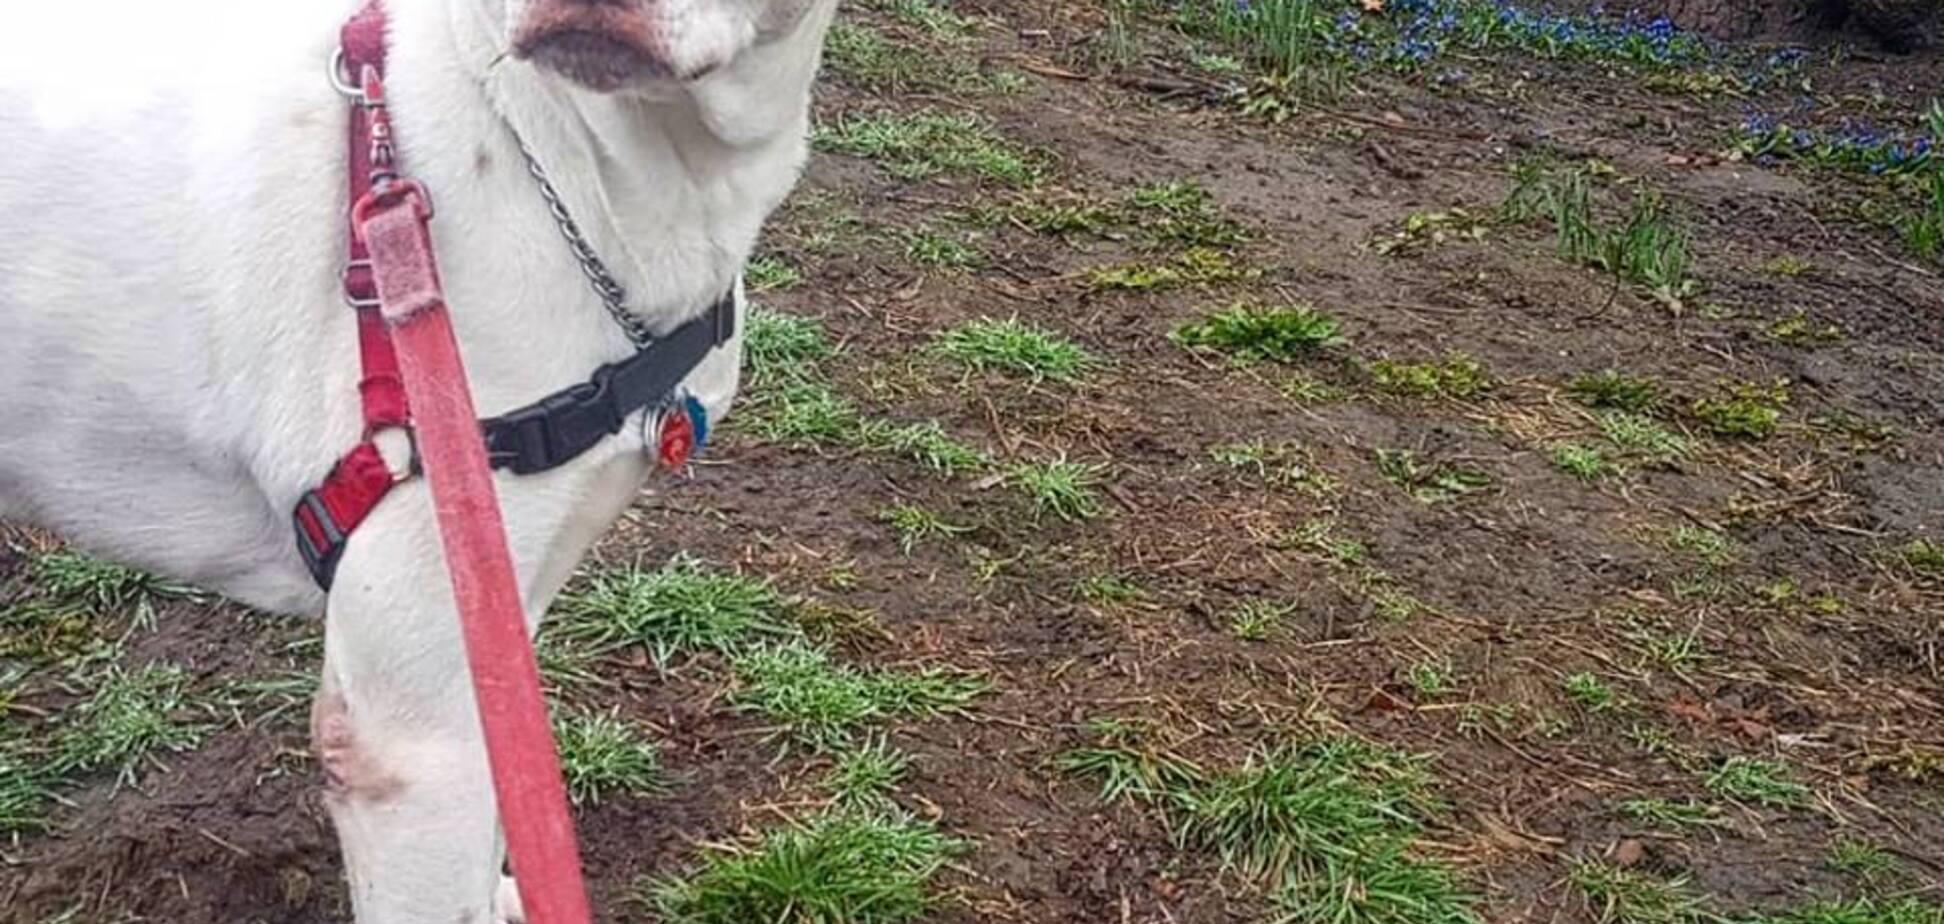 Уборка за собакой: дело не в штрафе?